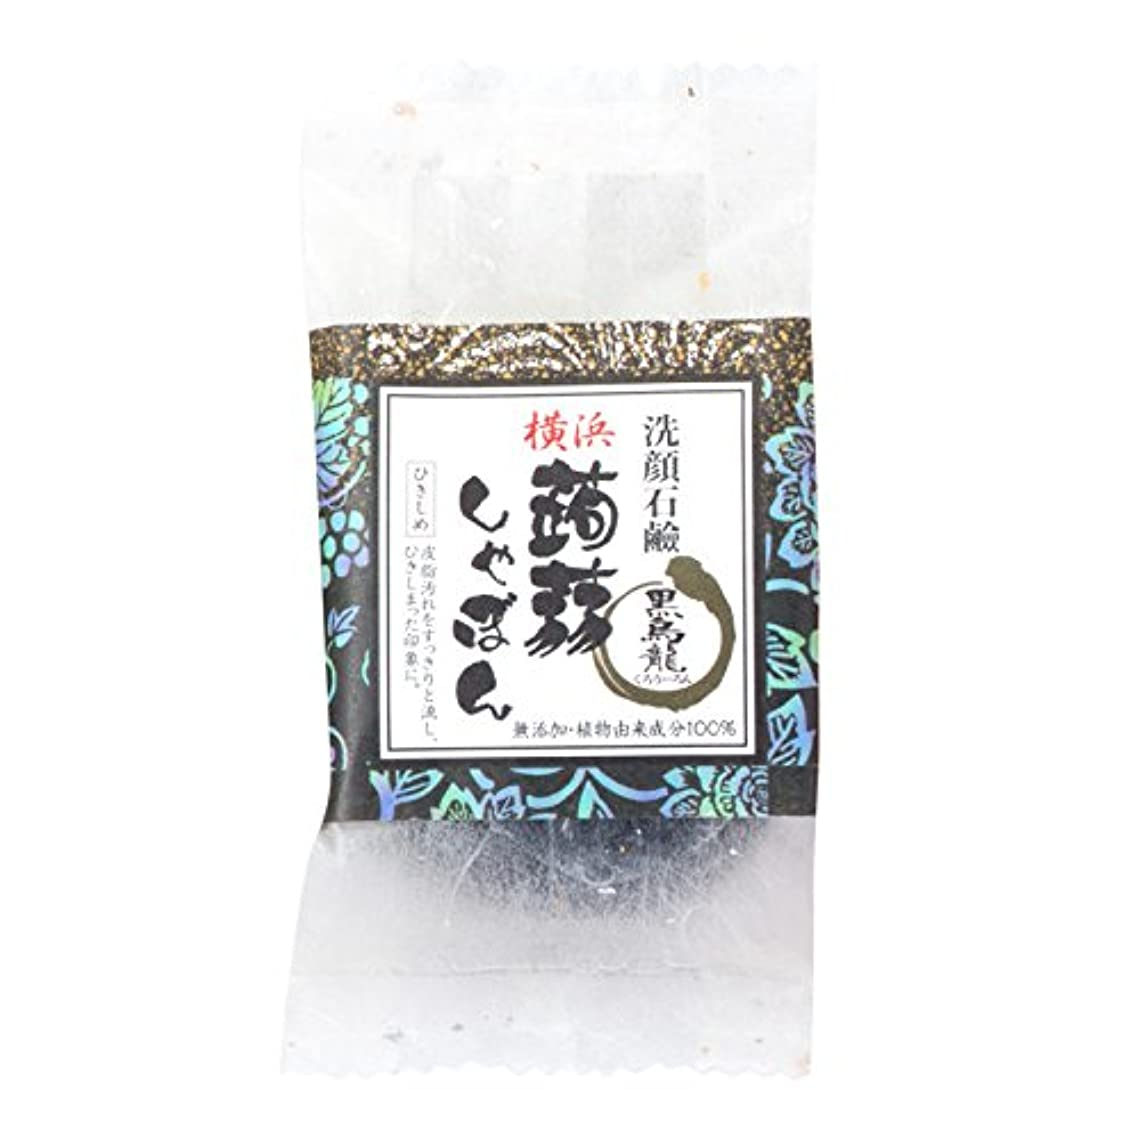 教困難ネコ横浜蒟蒻しゃぼん横浜 黒烏龍(くろうーろん)